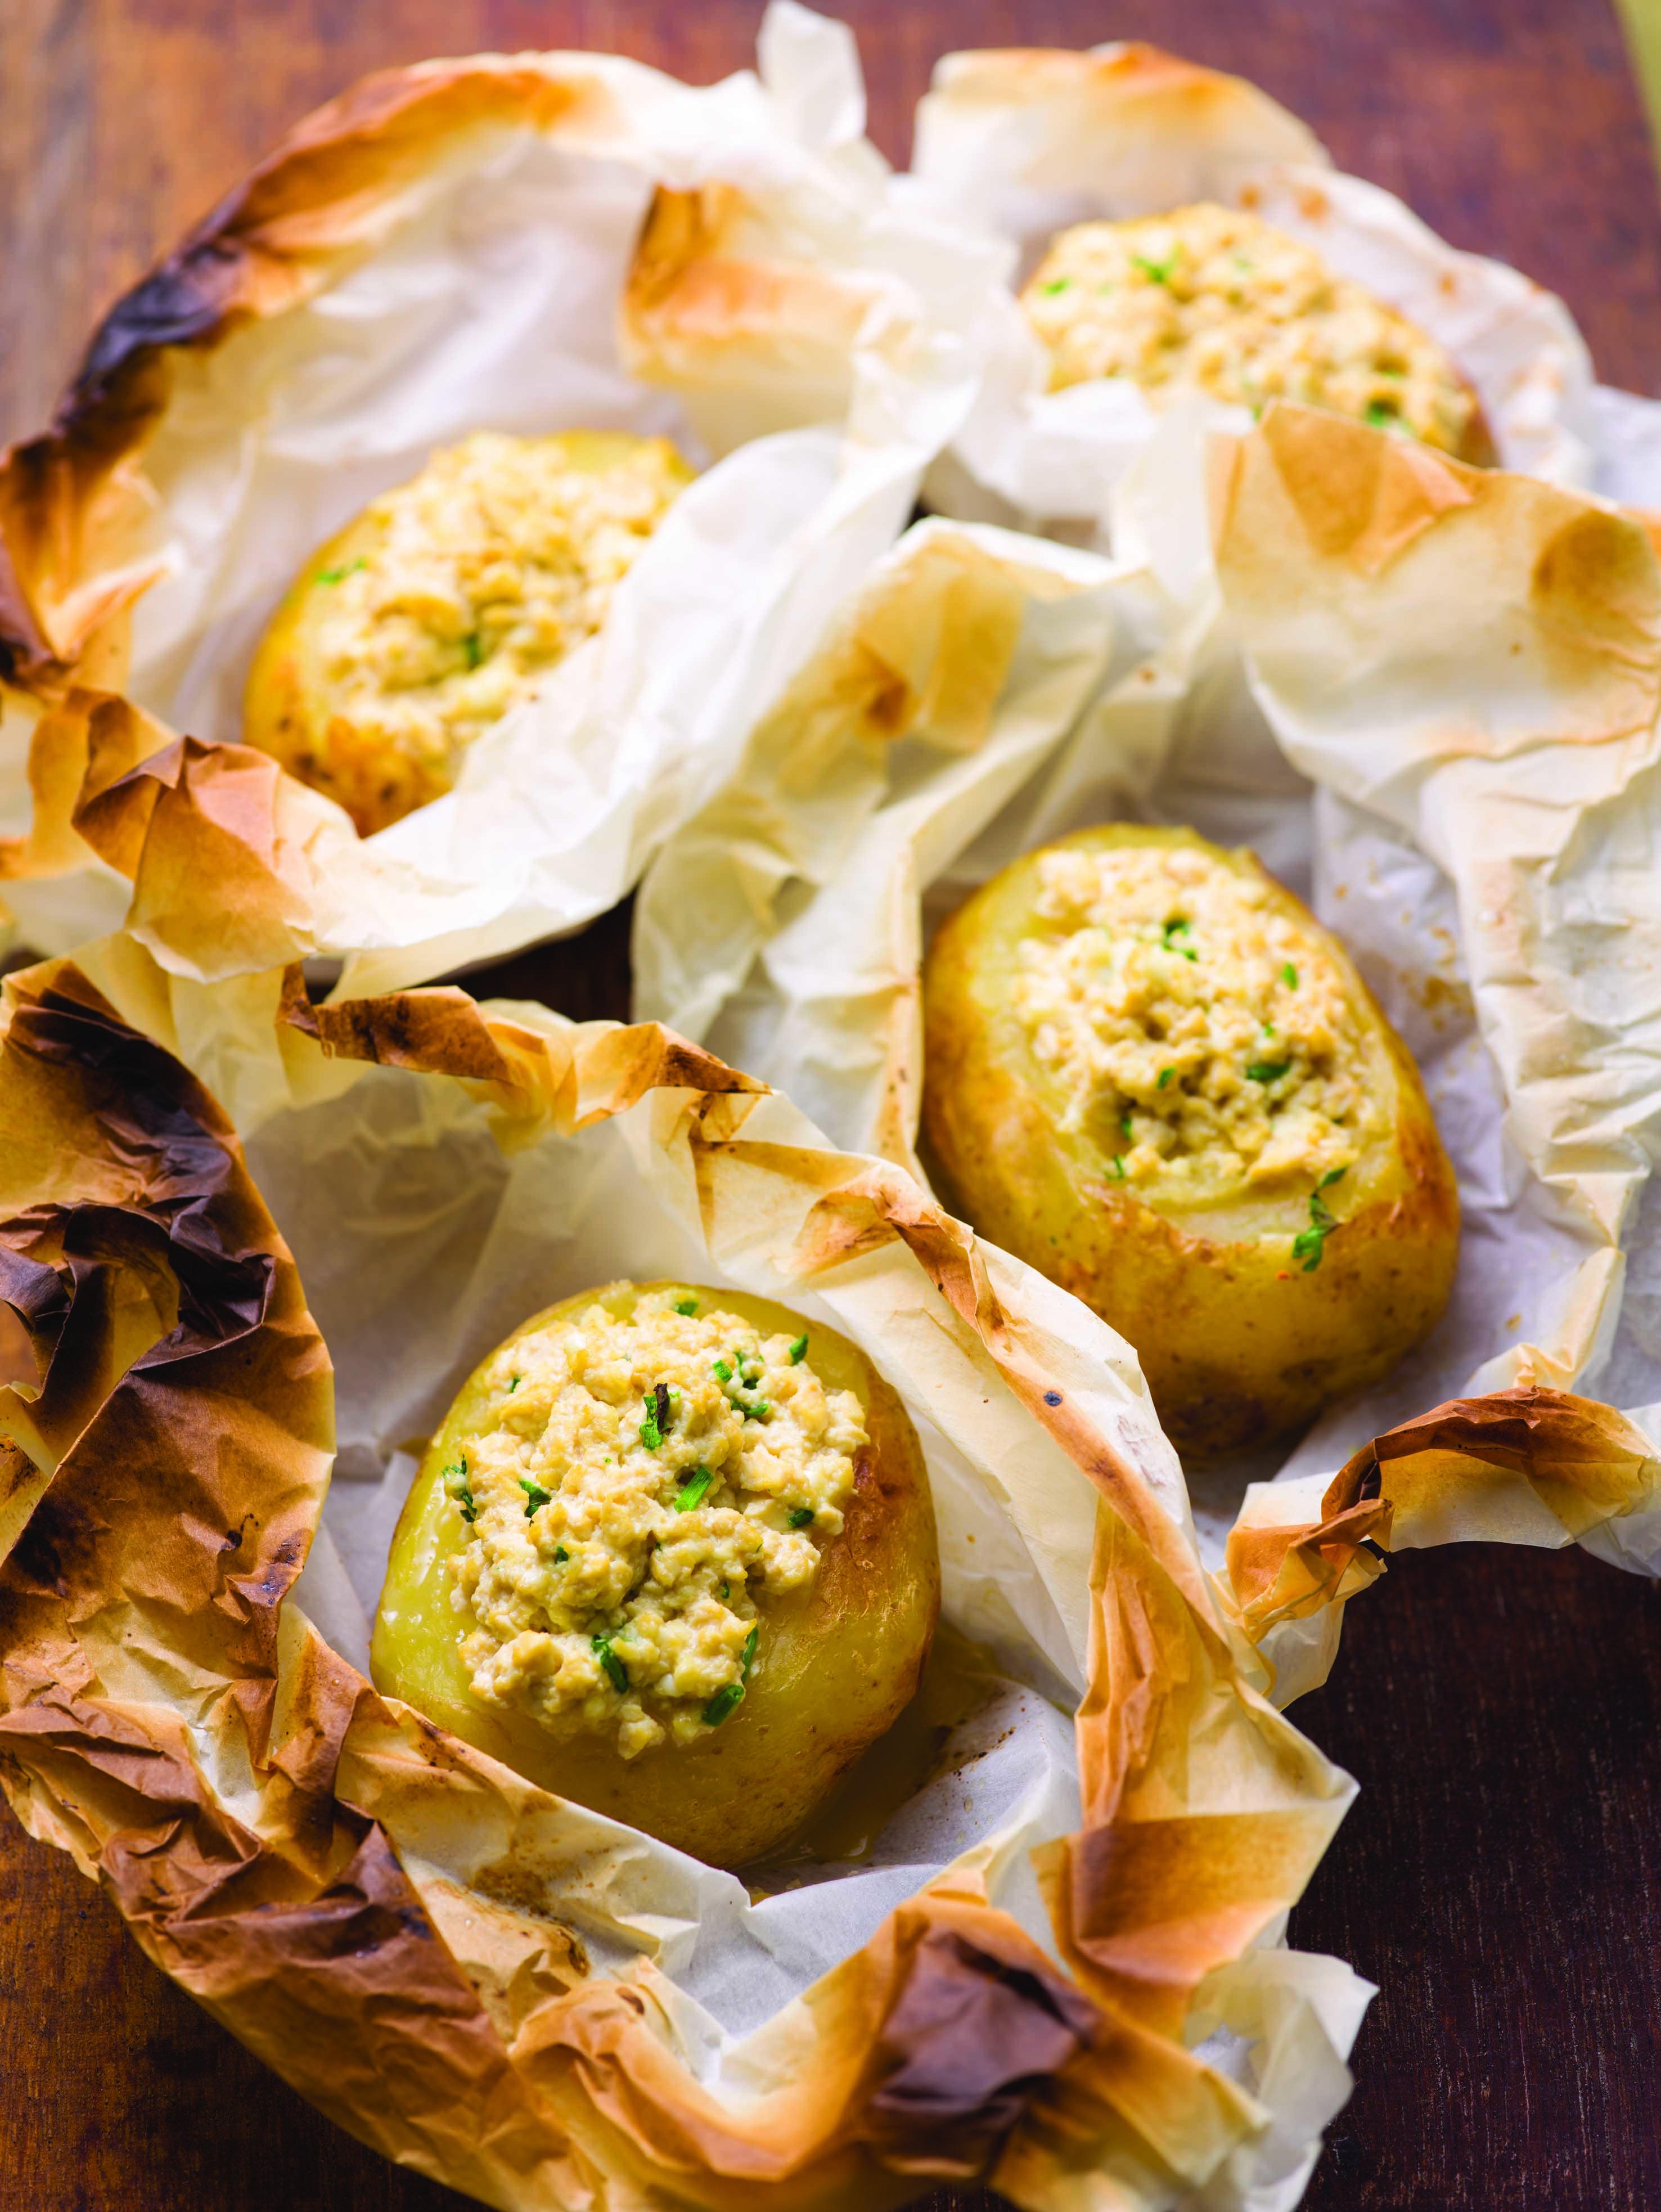 Batatas recheadas com seitan e molho de soja